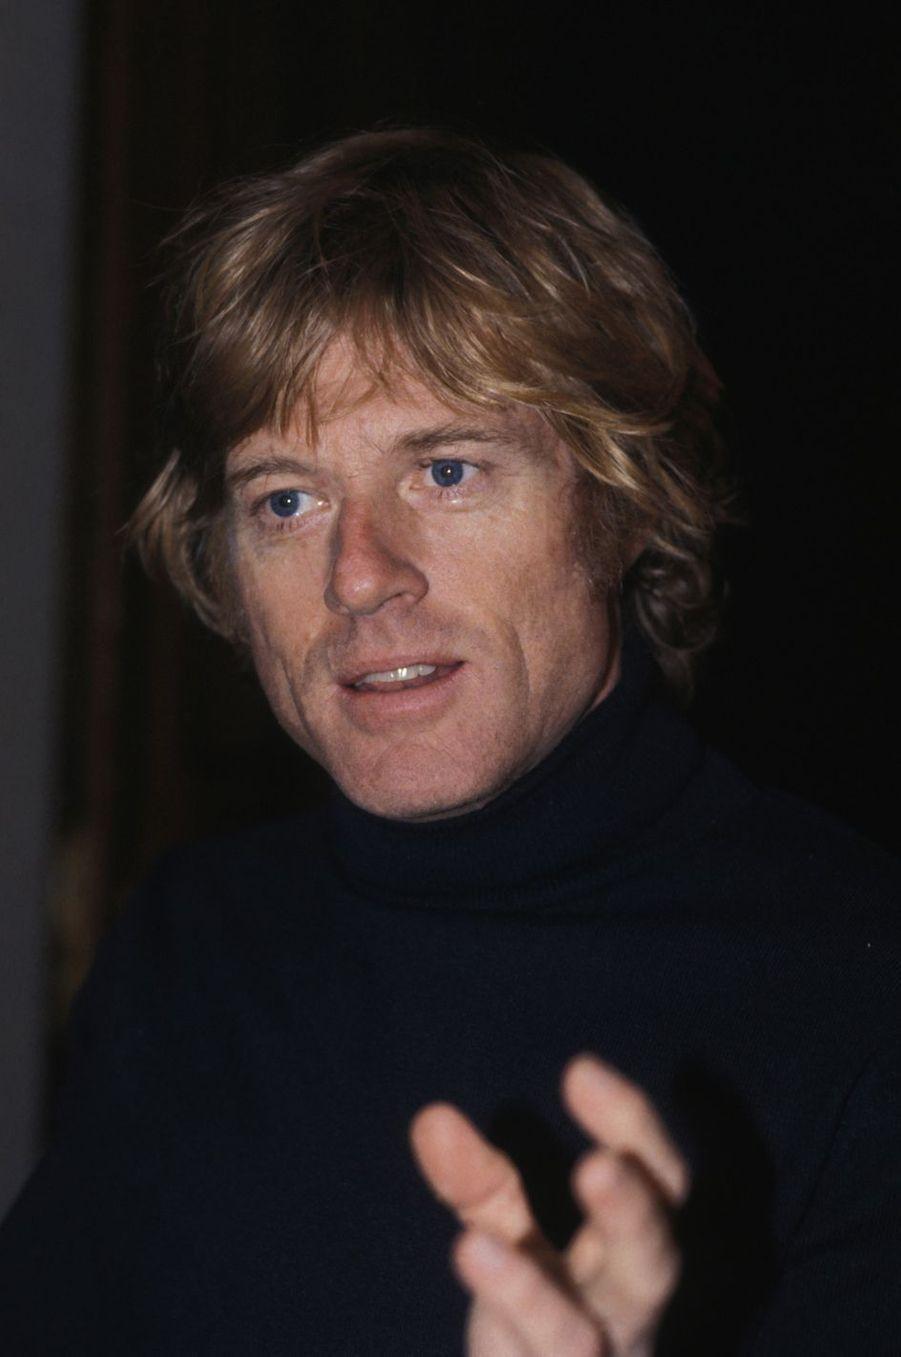 Robert Redford dans les années 1970